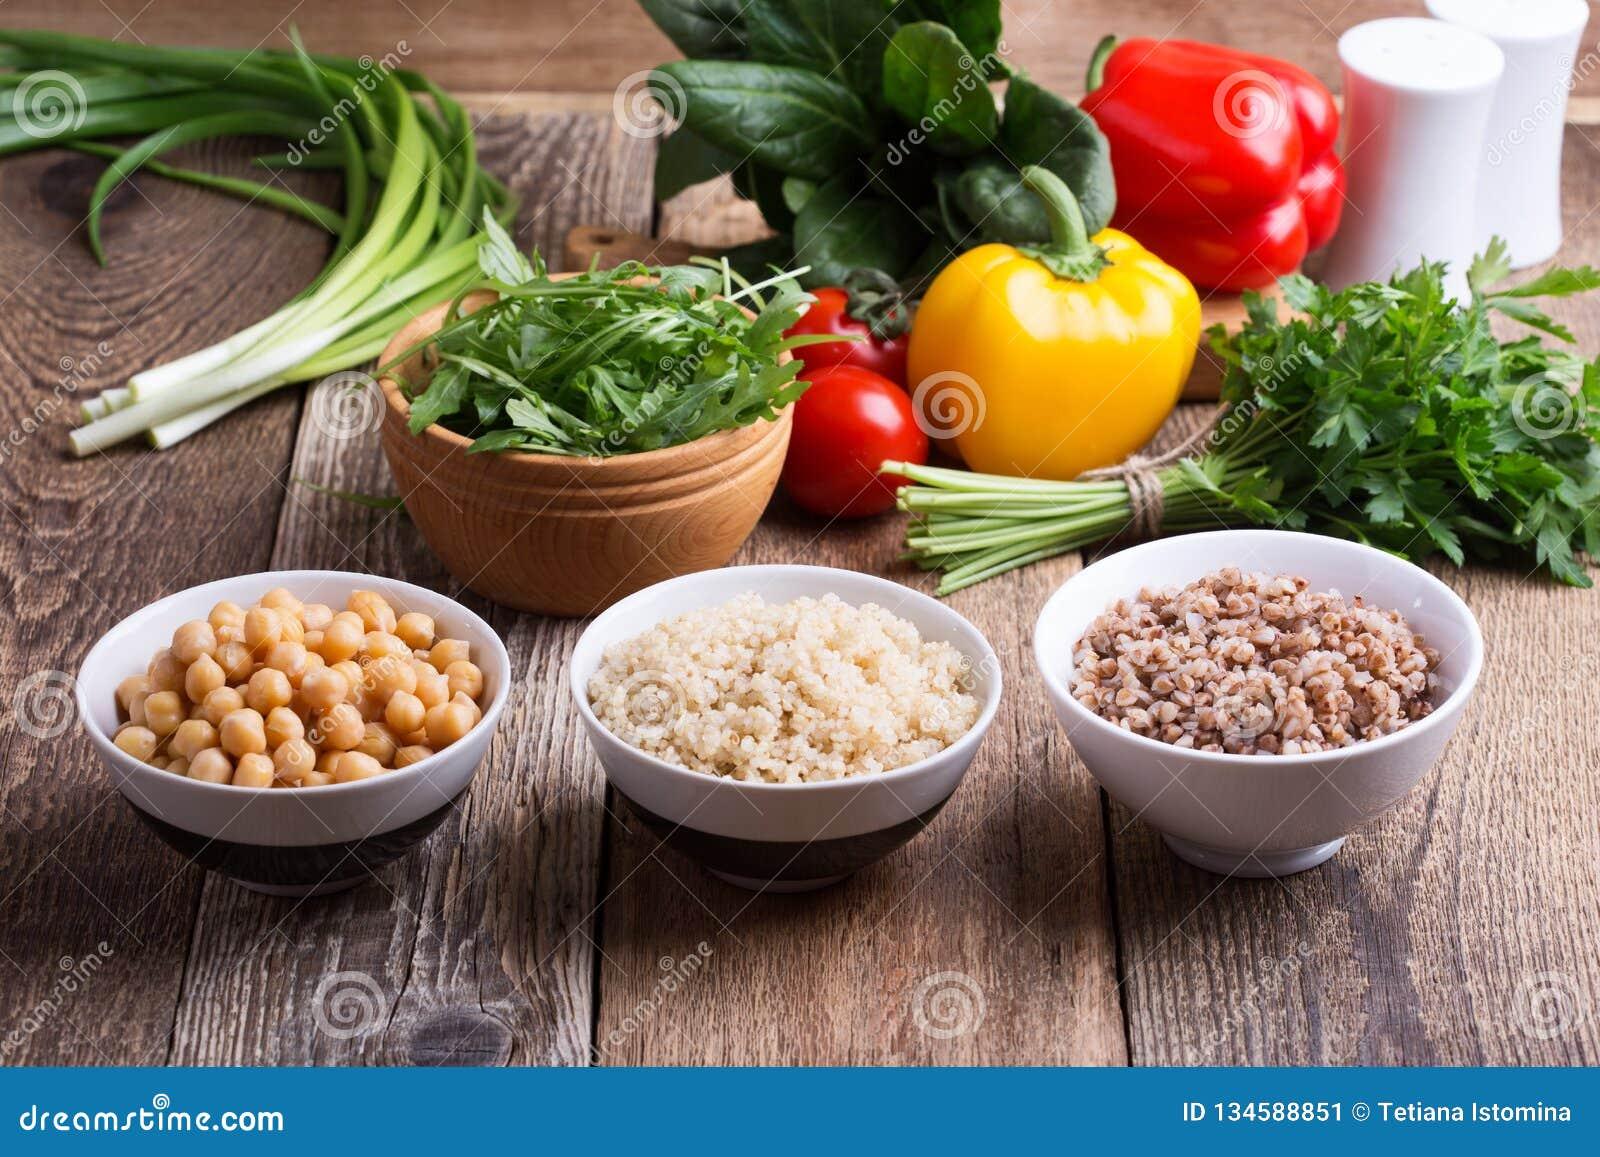 Selección de verduras frescas y cereal, granos y legumbre cocinados